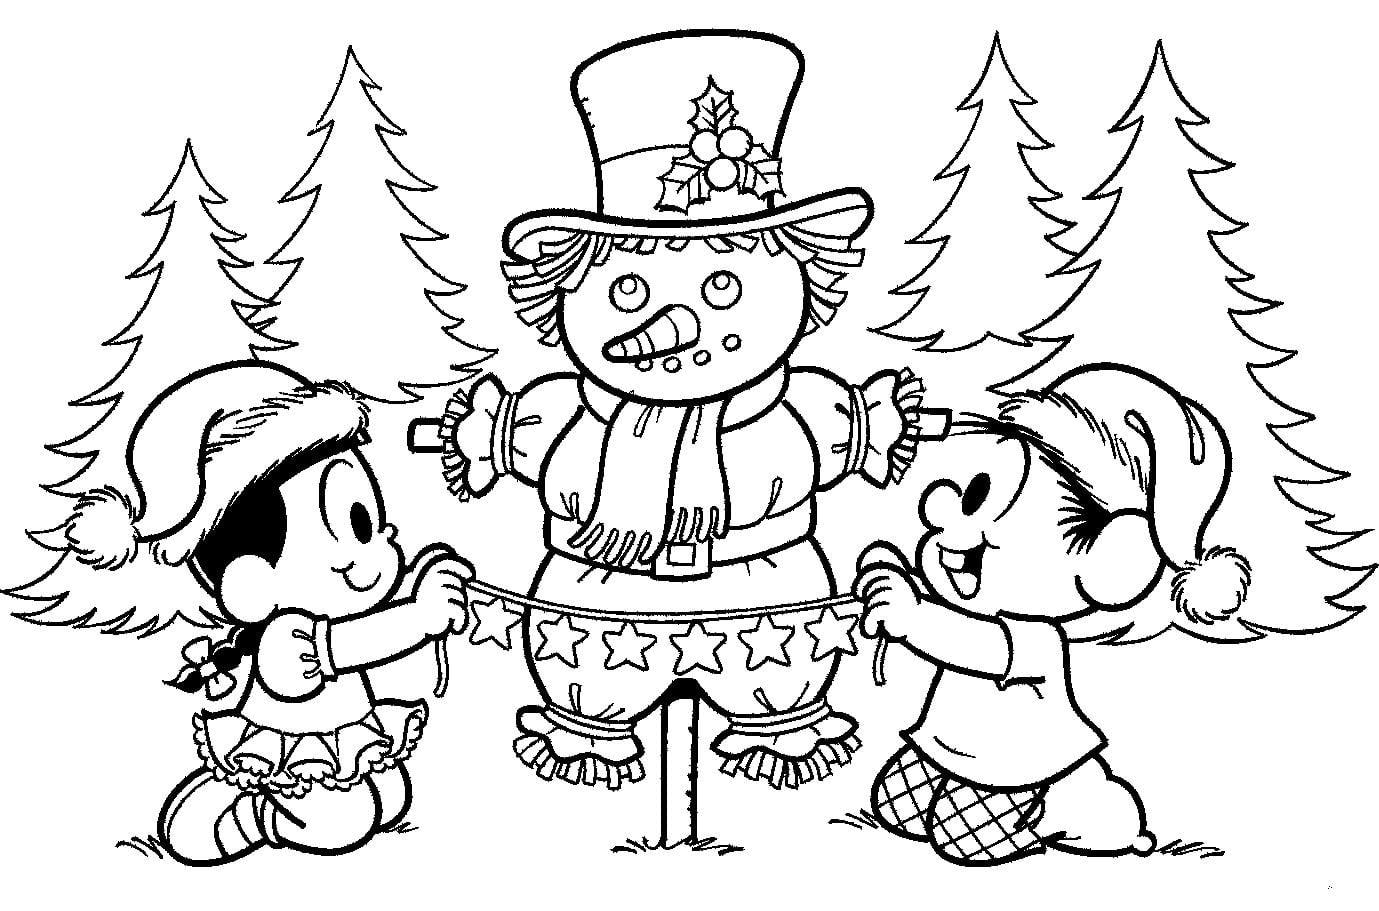 Jogo Desenhos Para Colorir De Natal Turma Da Monica No Jogos Online Wx